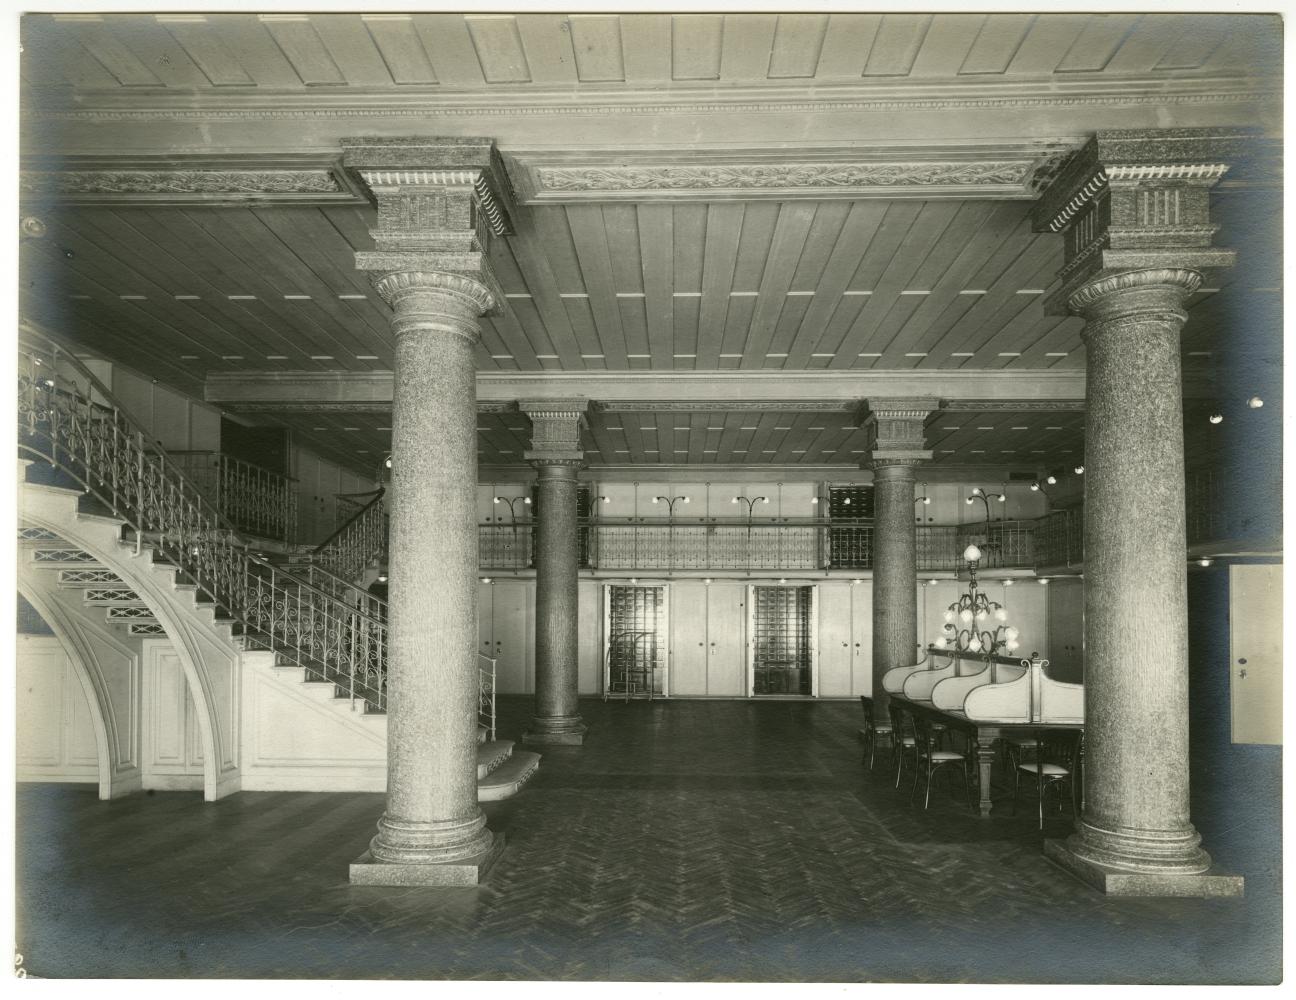 Il caveau, Palazzo Comit, 1911, Fotografo Luca Comerio  Archivio storico del Gruppo Intesa Sanpaolo